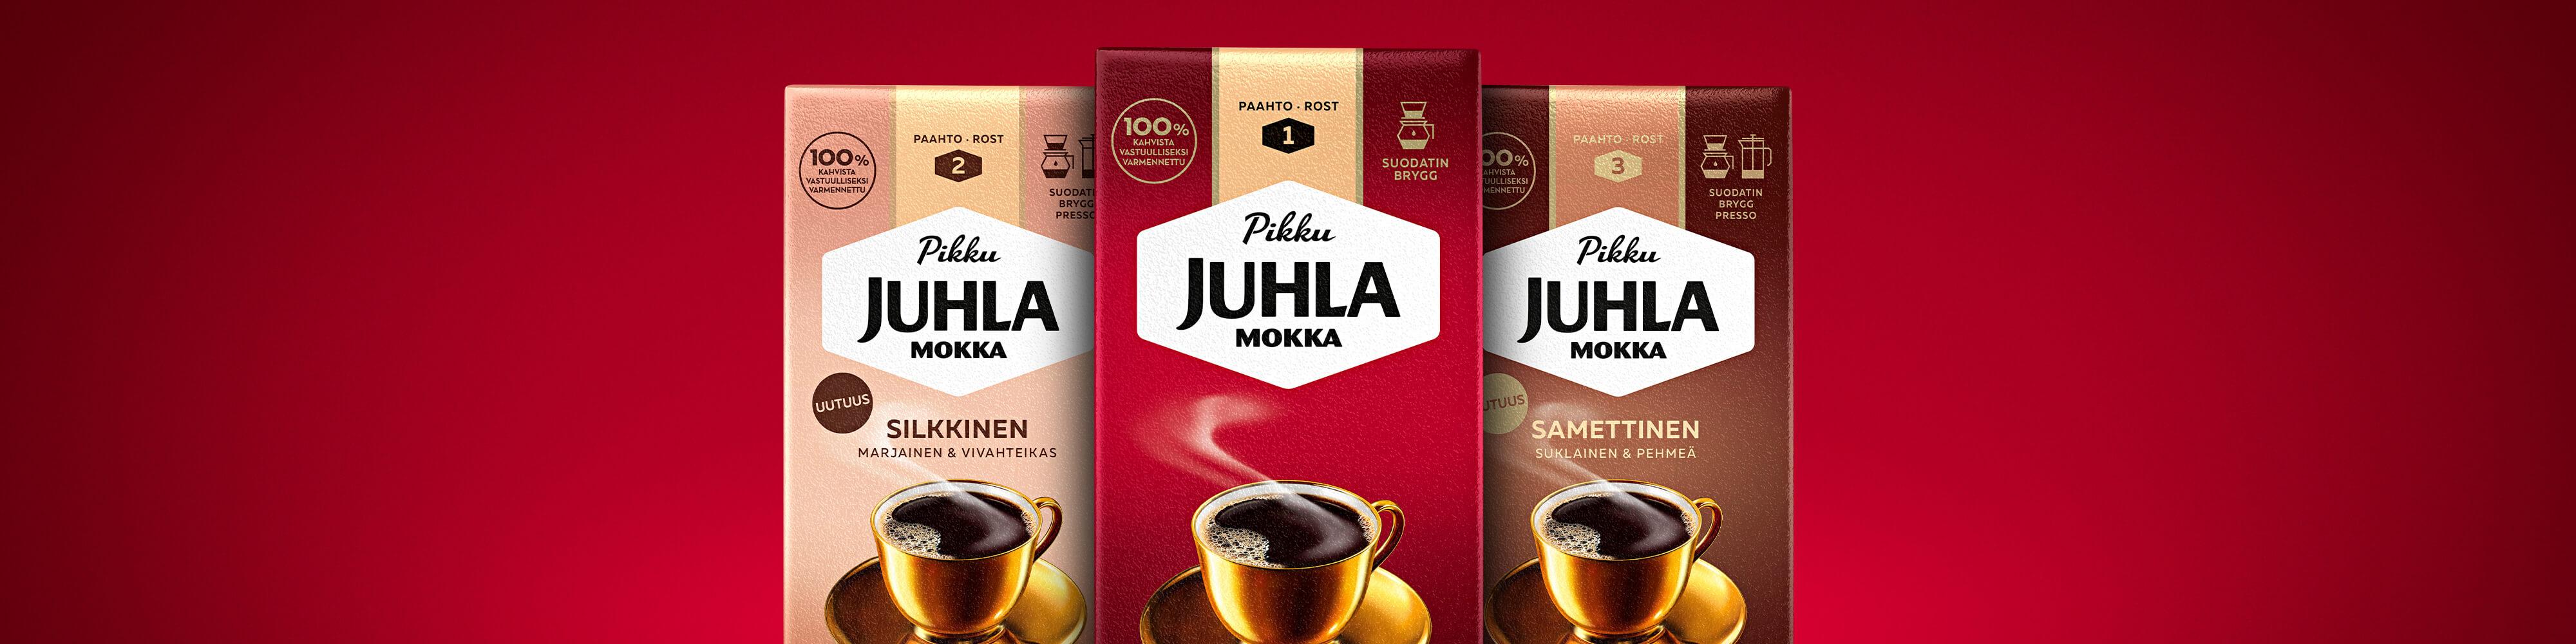 Paulig Pikku Juhla Mokka Samettinen, Silkkinen ja perinteinen